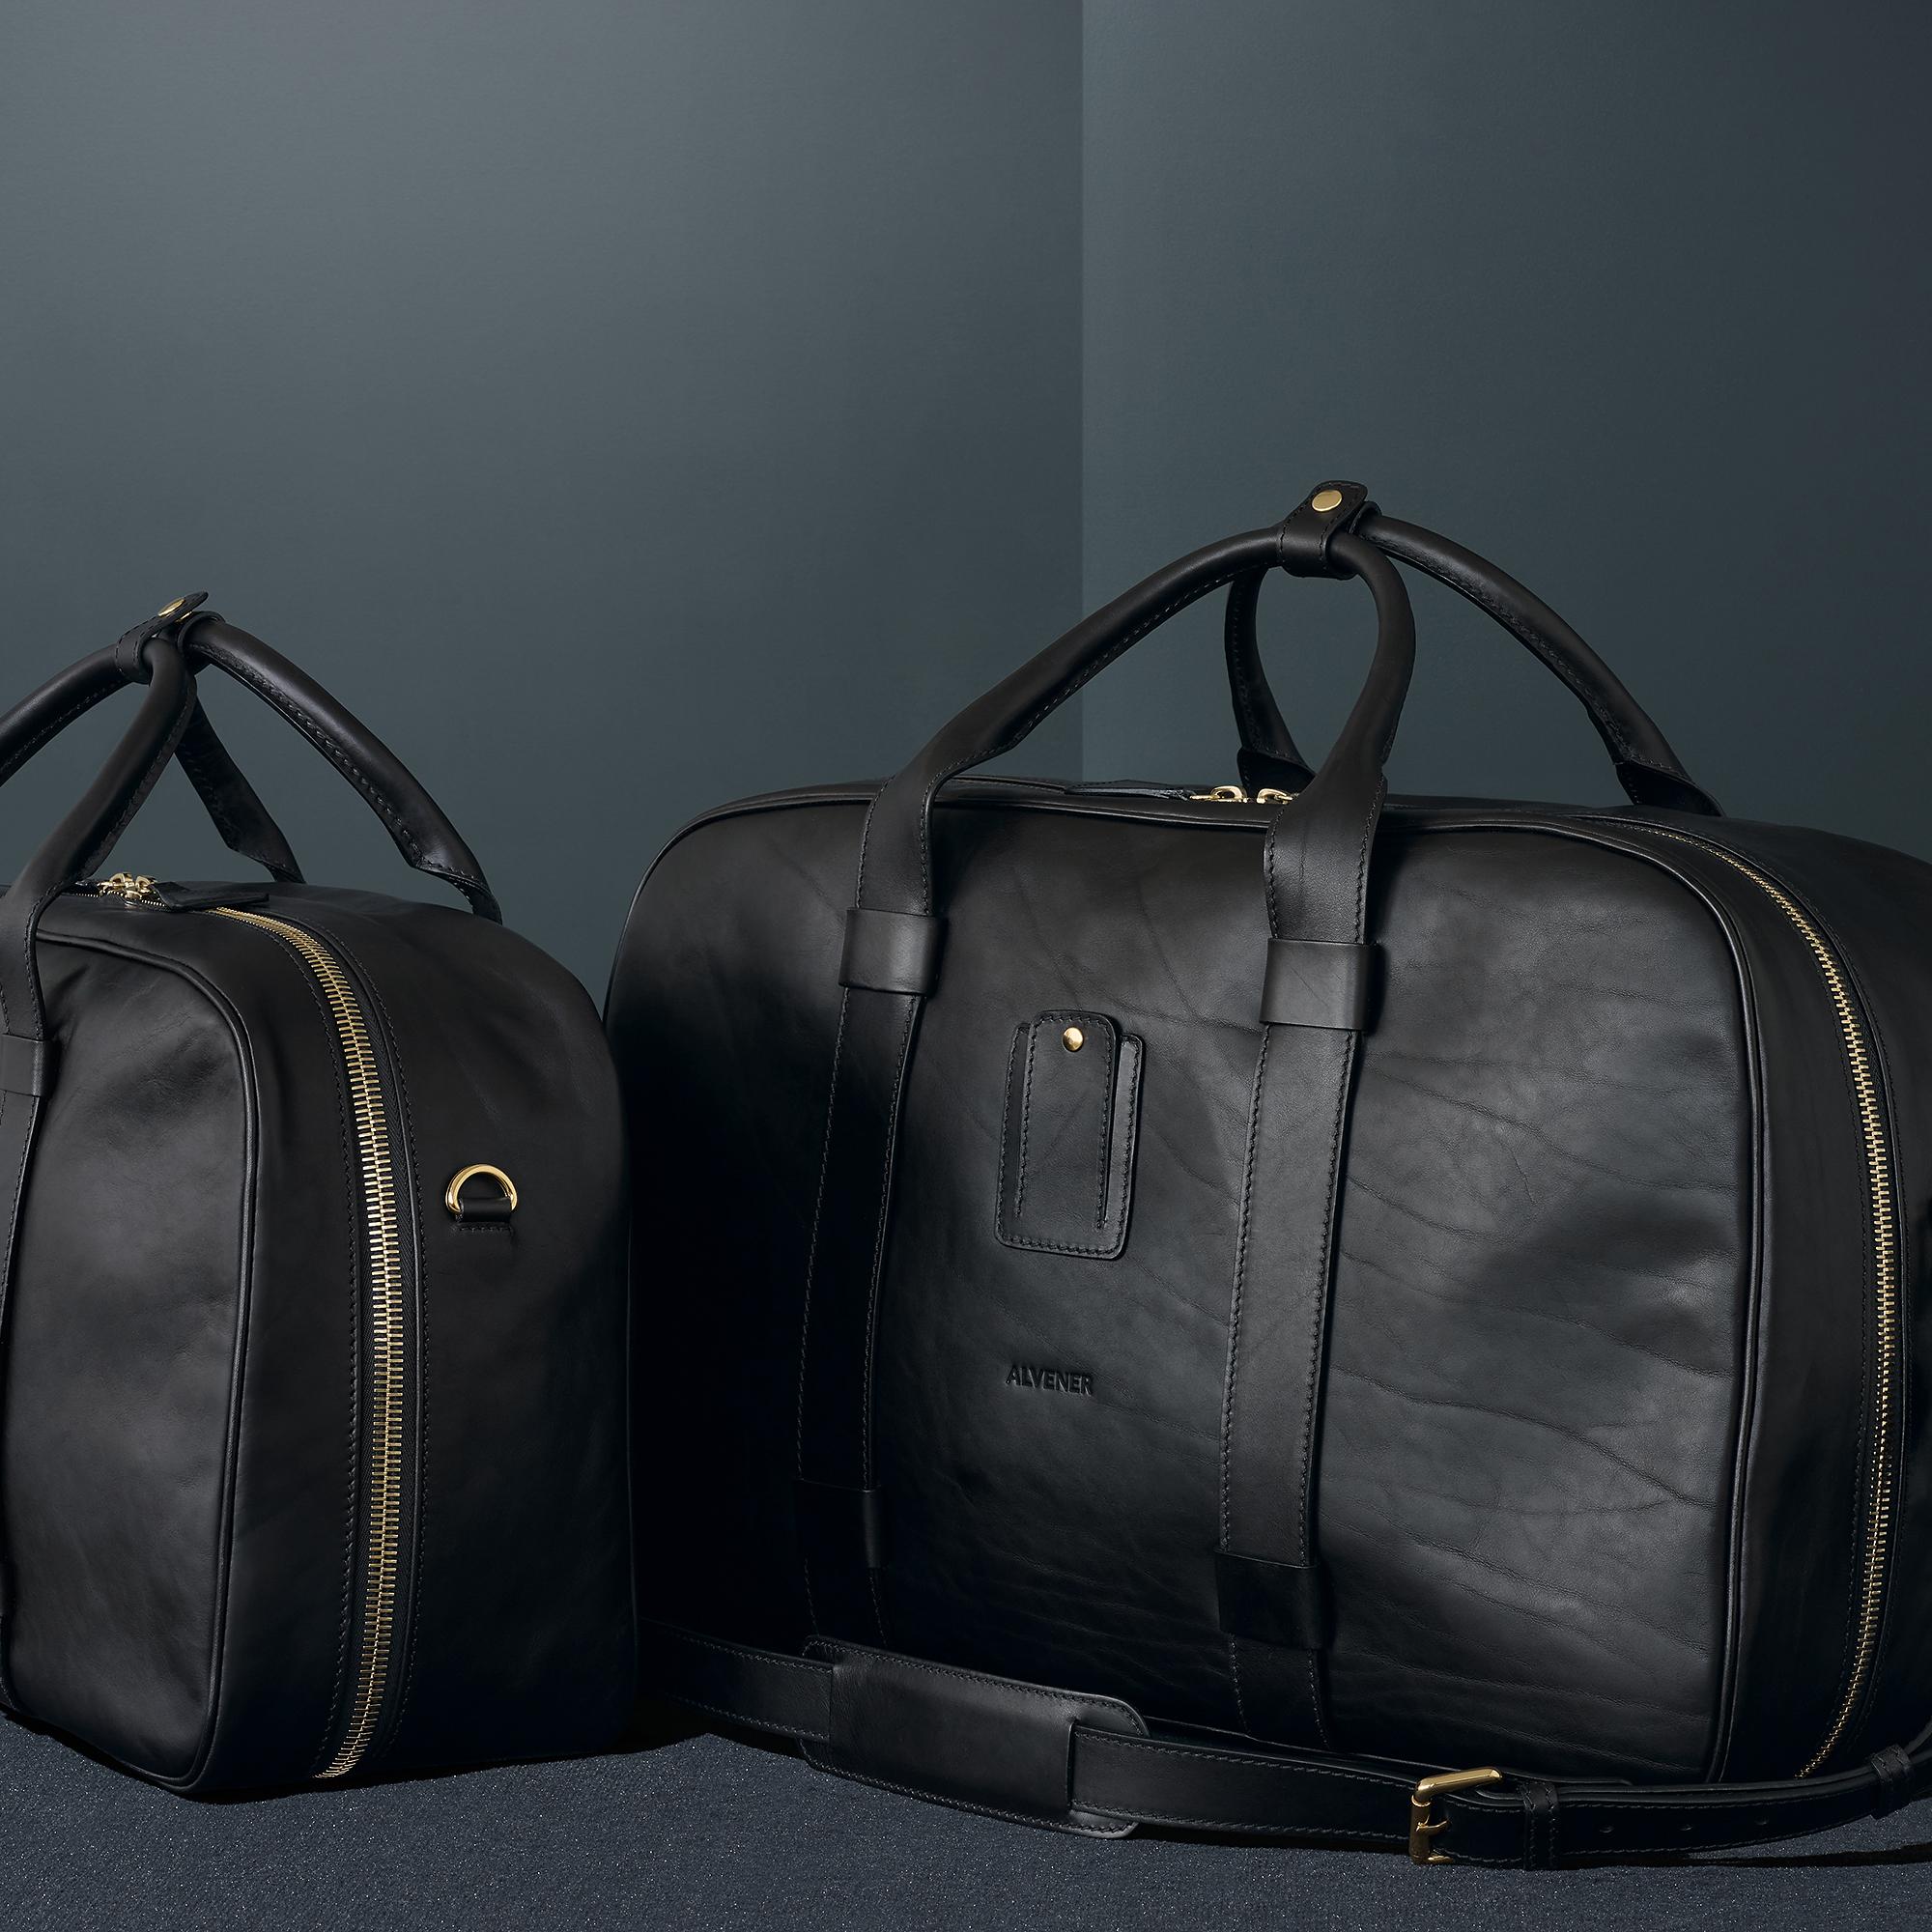 suitcase -